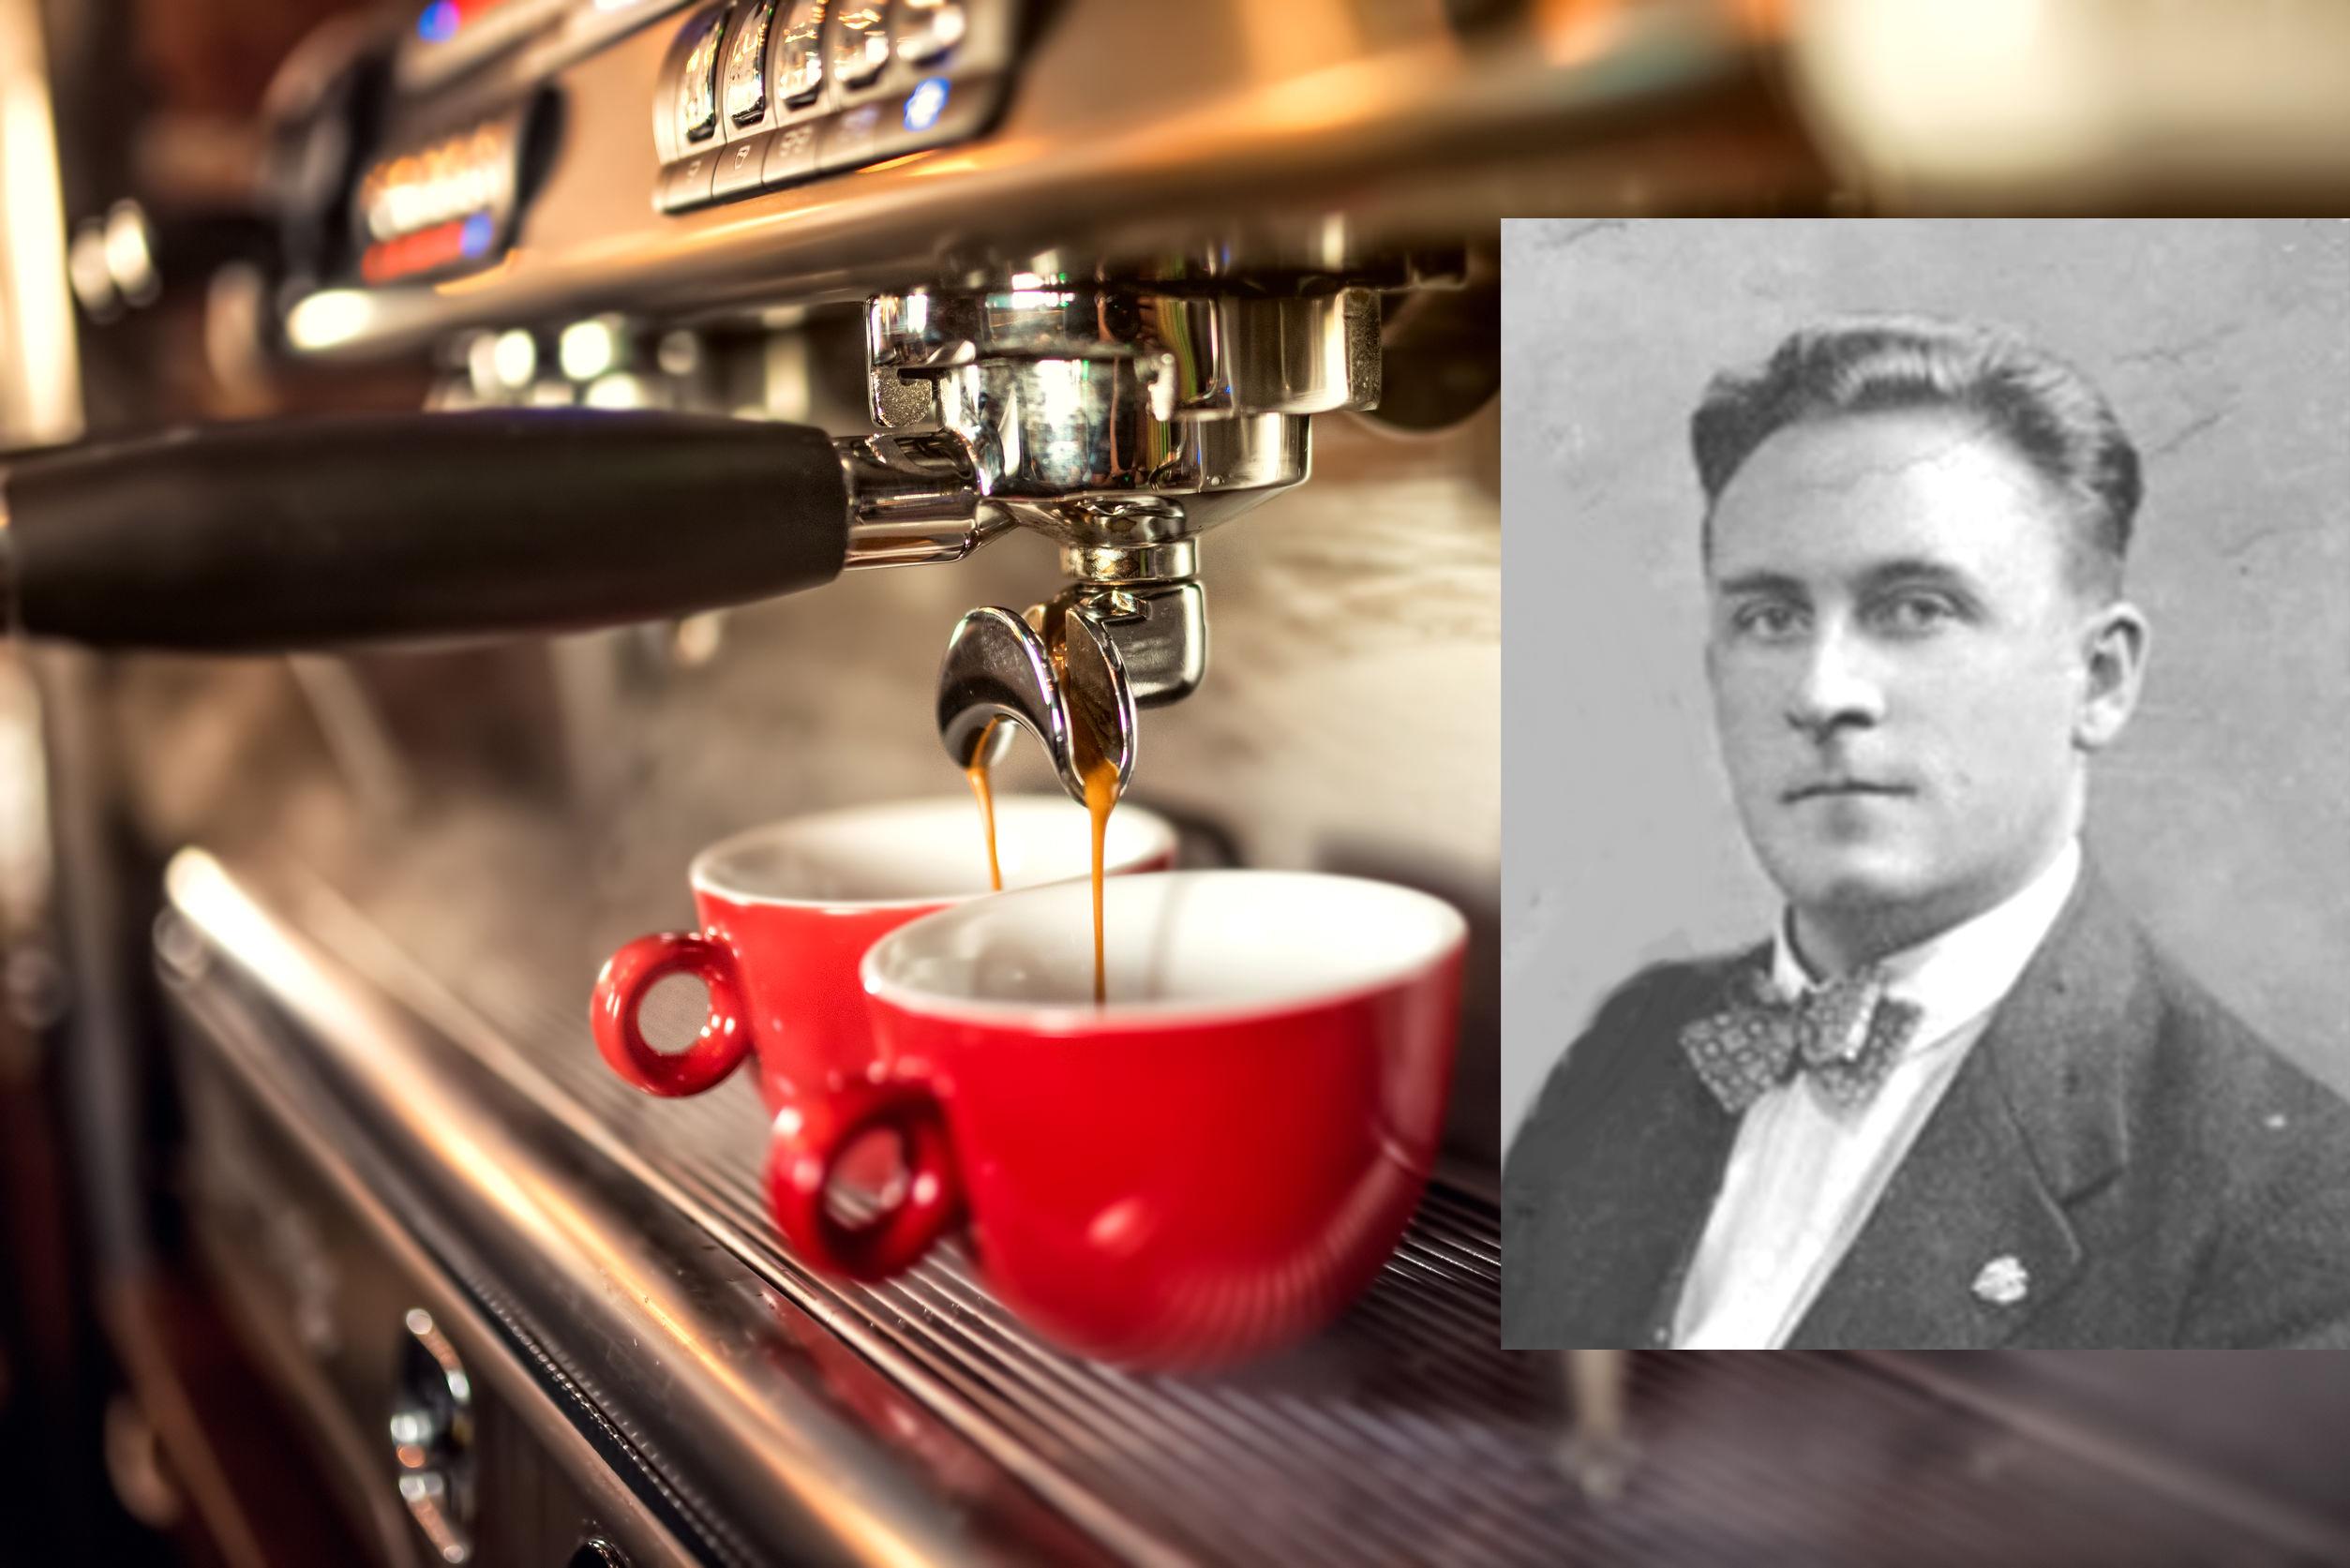 Es el rey del café italiano, y poco se sabe que es de origen húngaro.